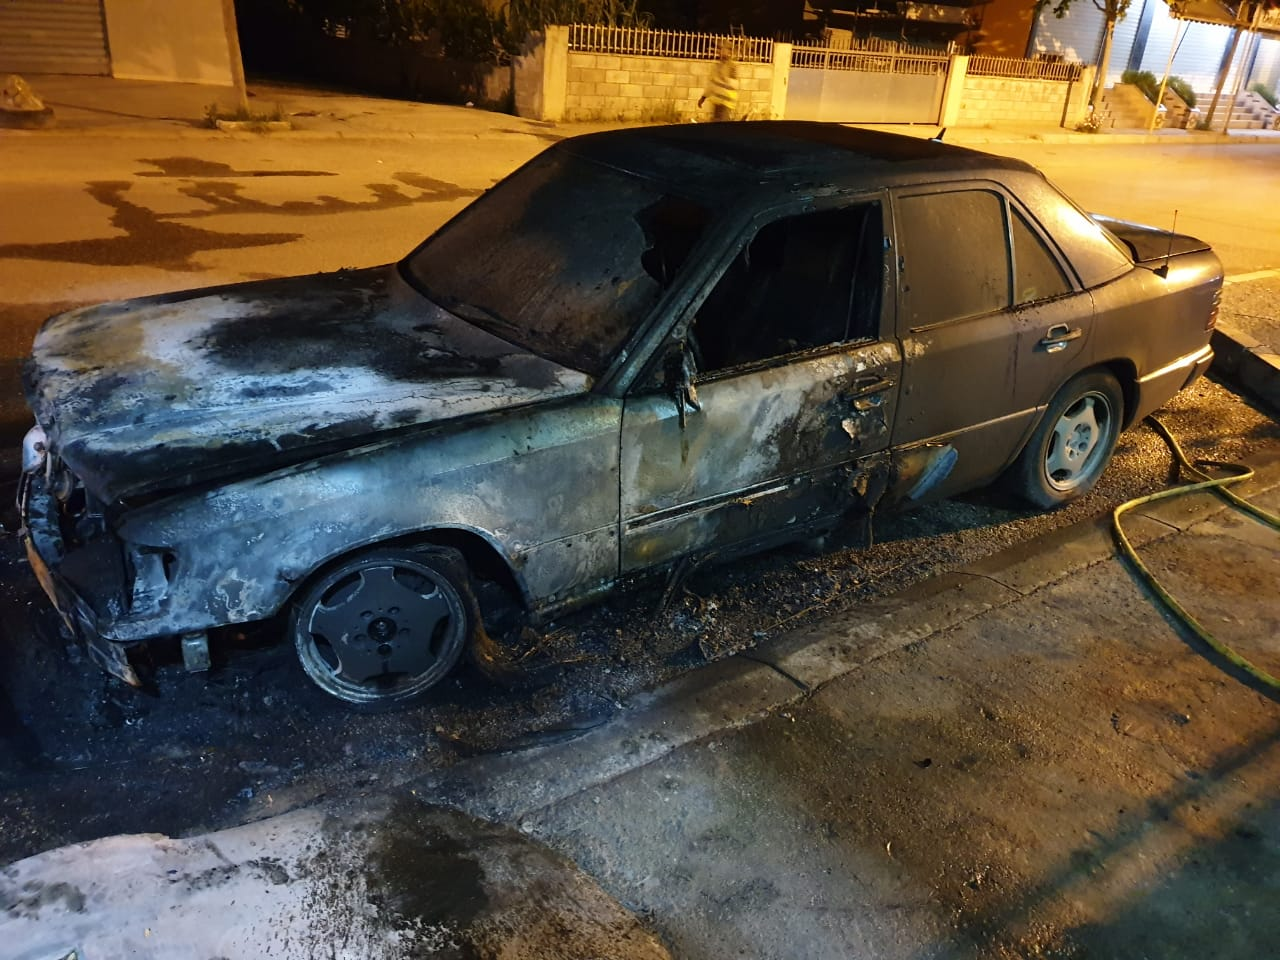 Shkrumbohet automjeti në Durrës